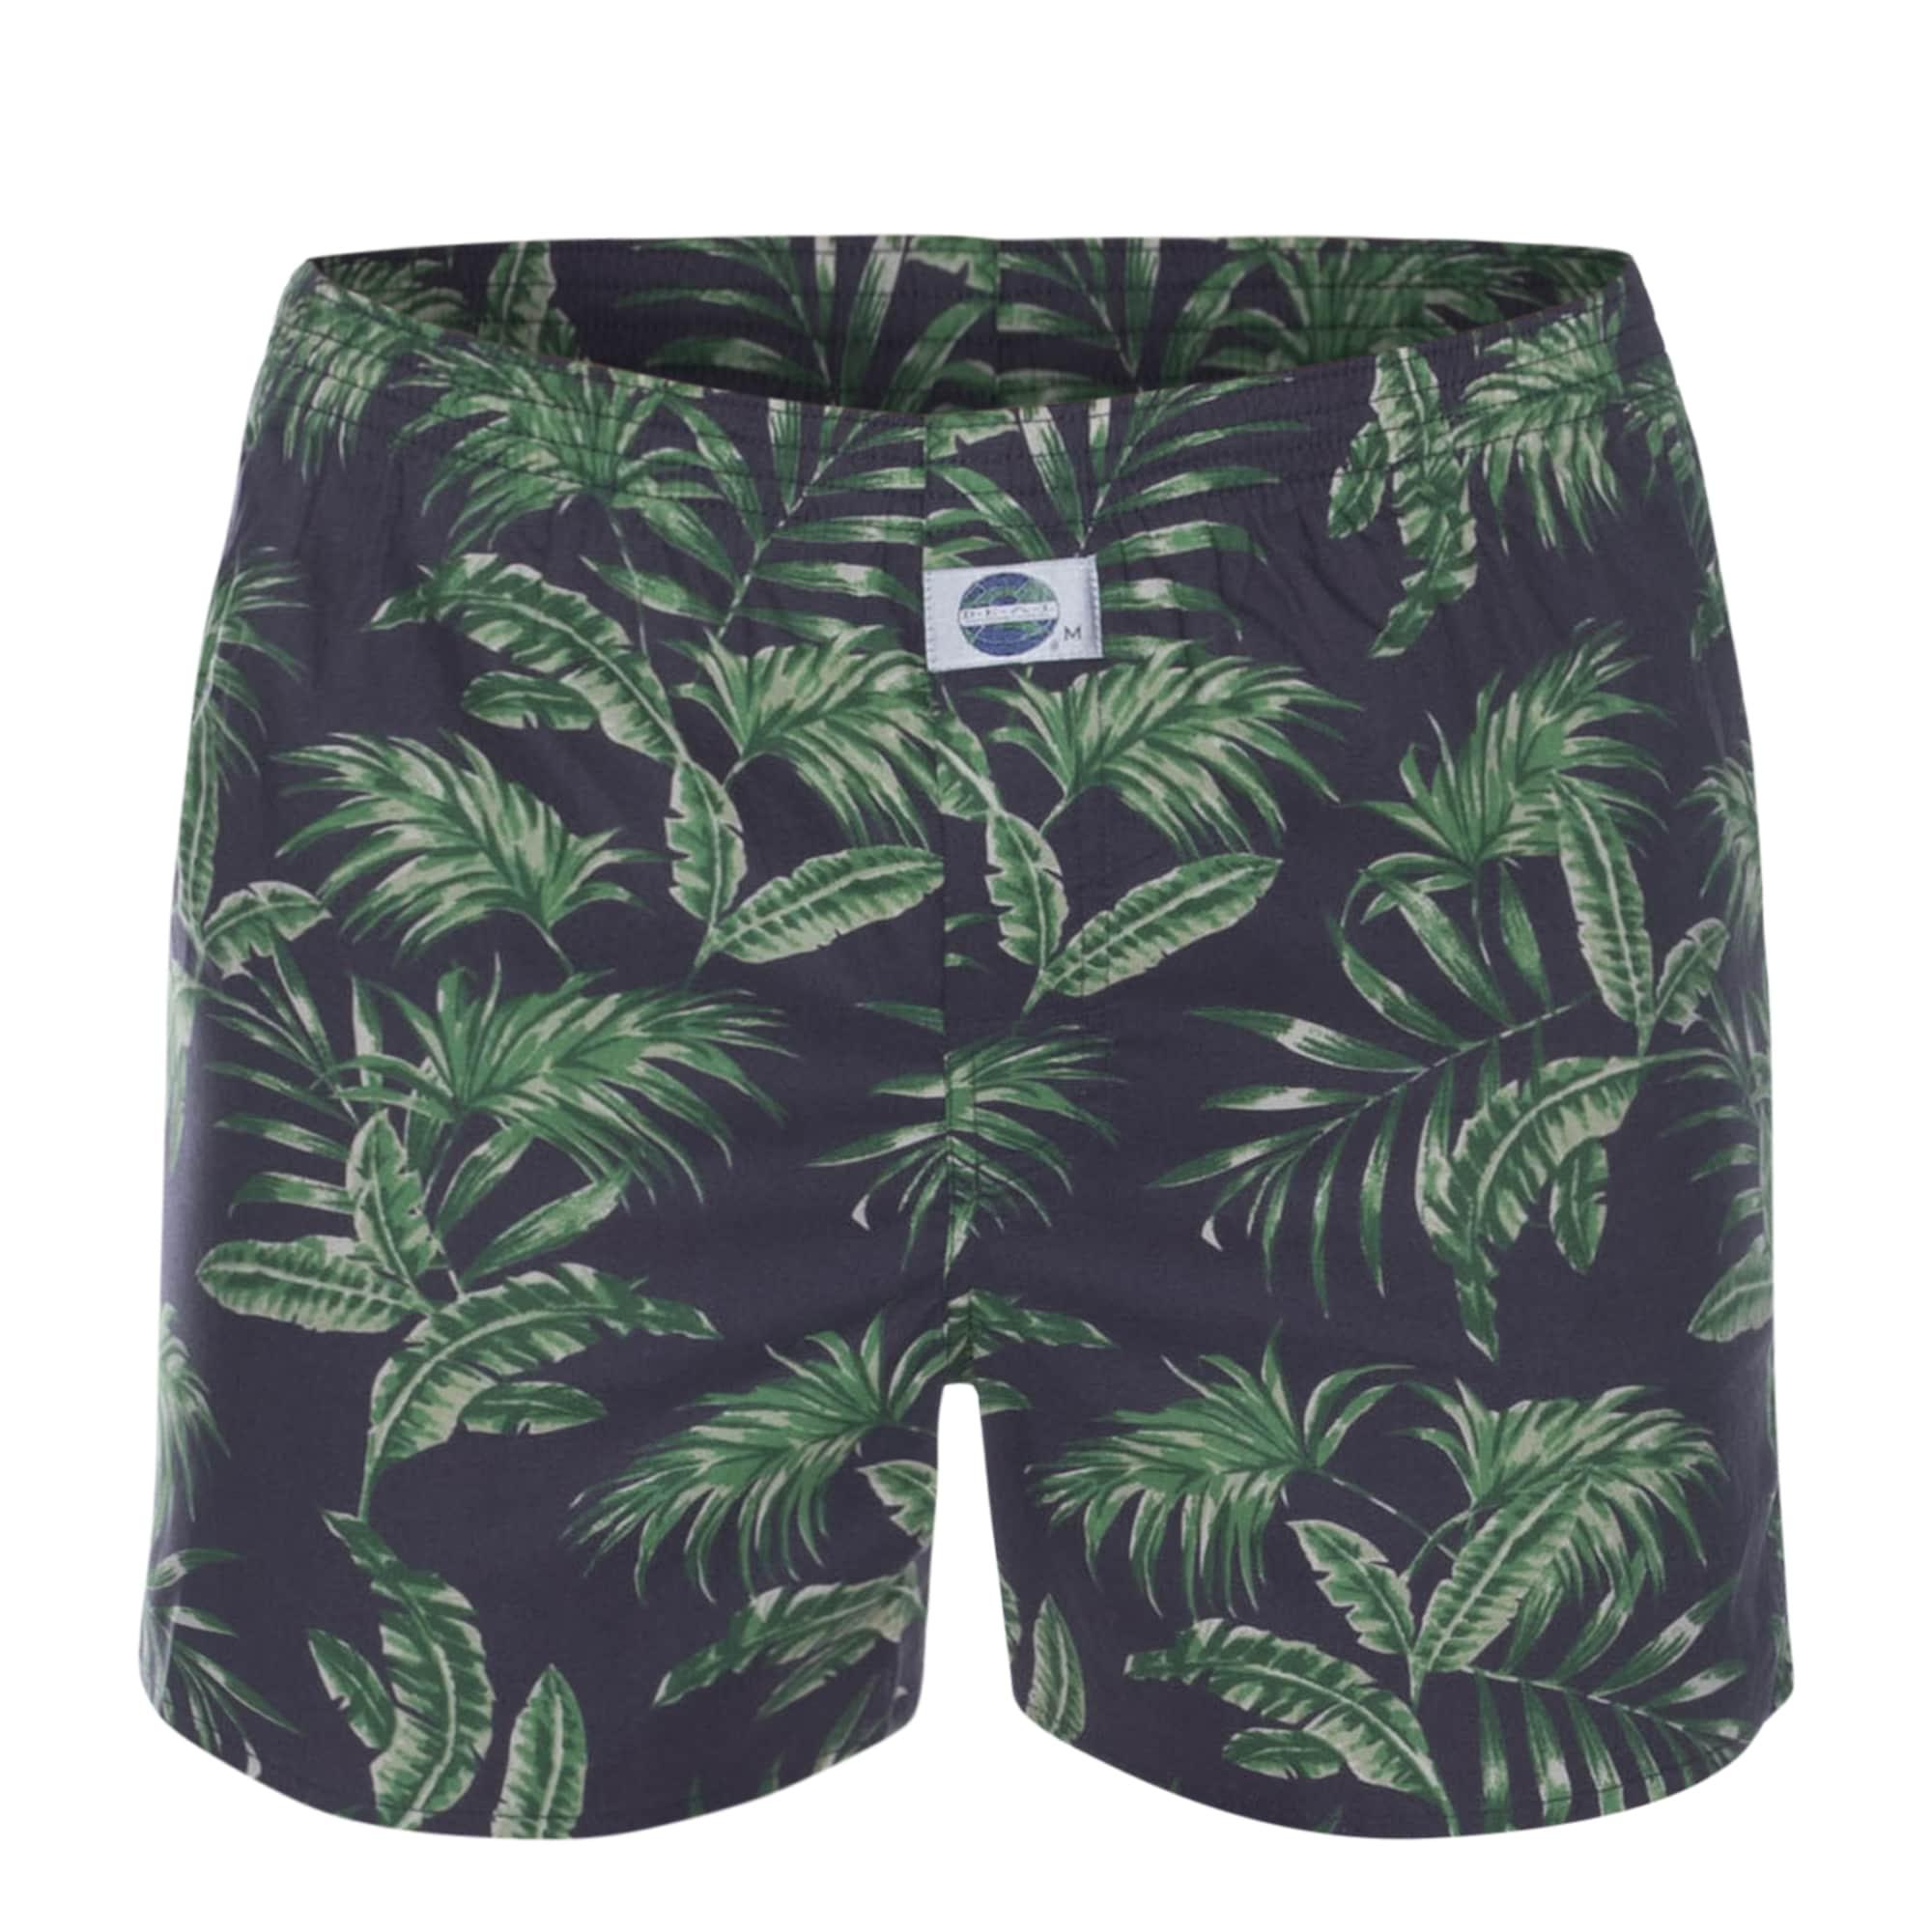 Boxerky Jungle  tmavě modrá trávově zelená D.E.A.L International